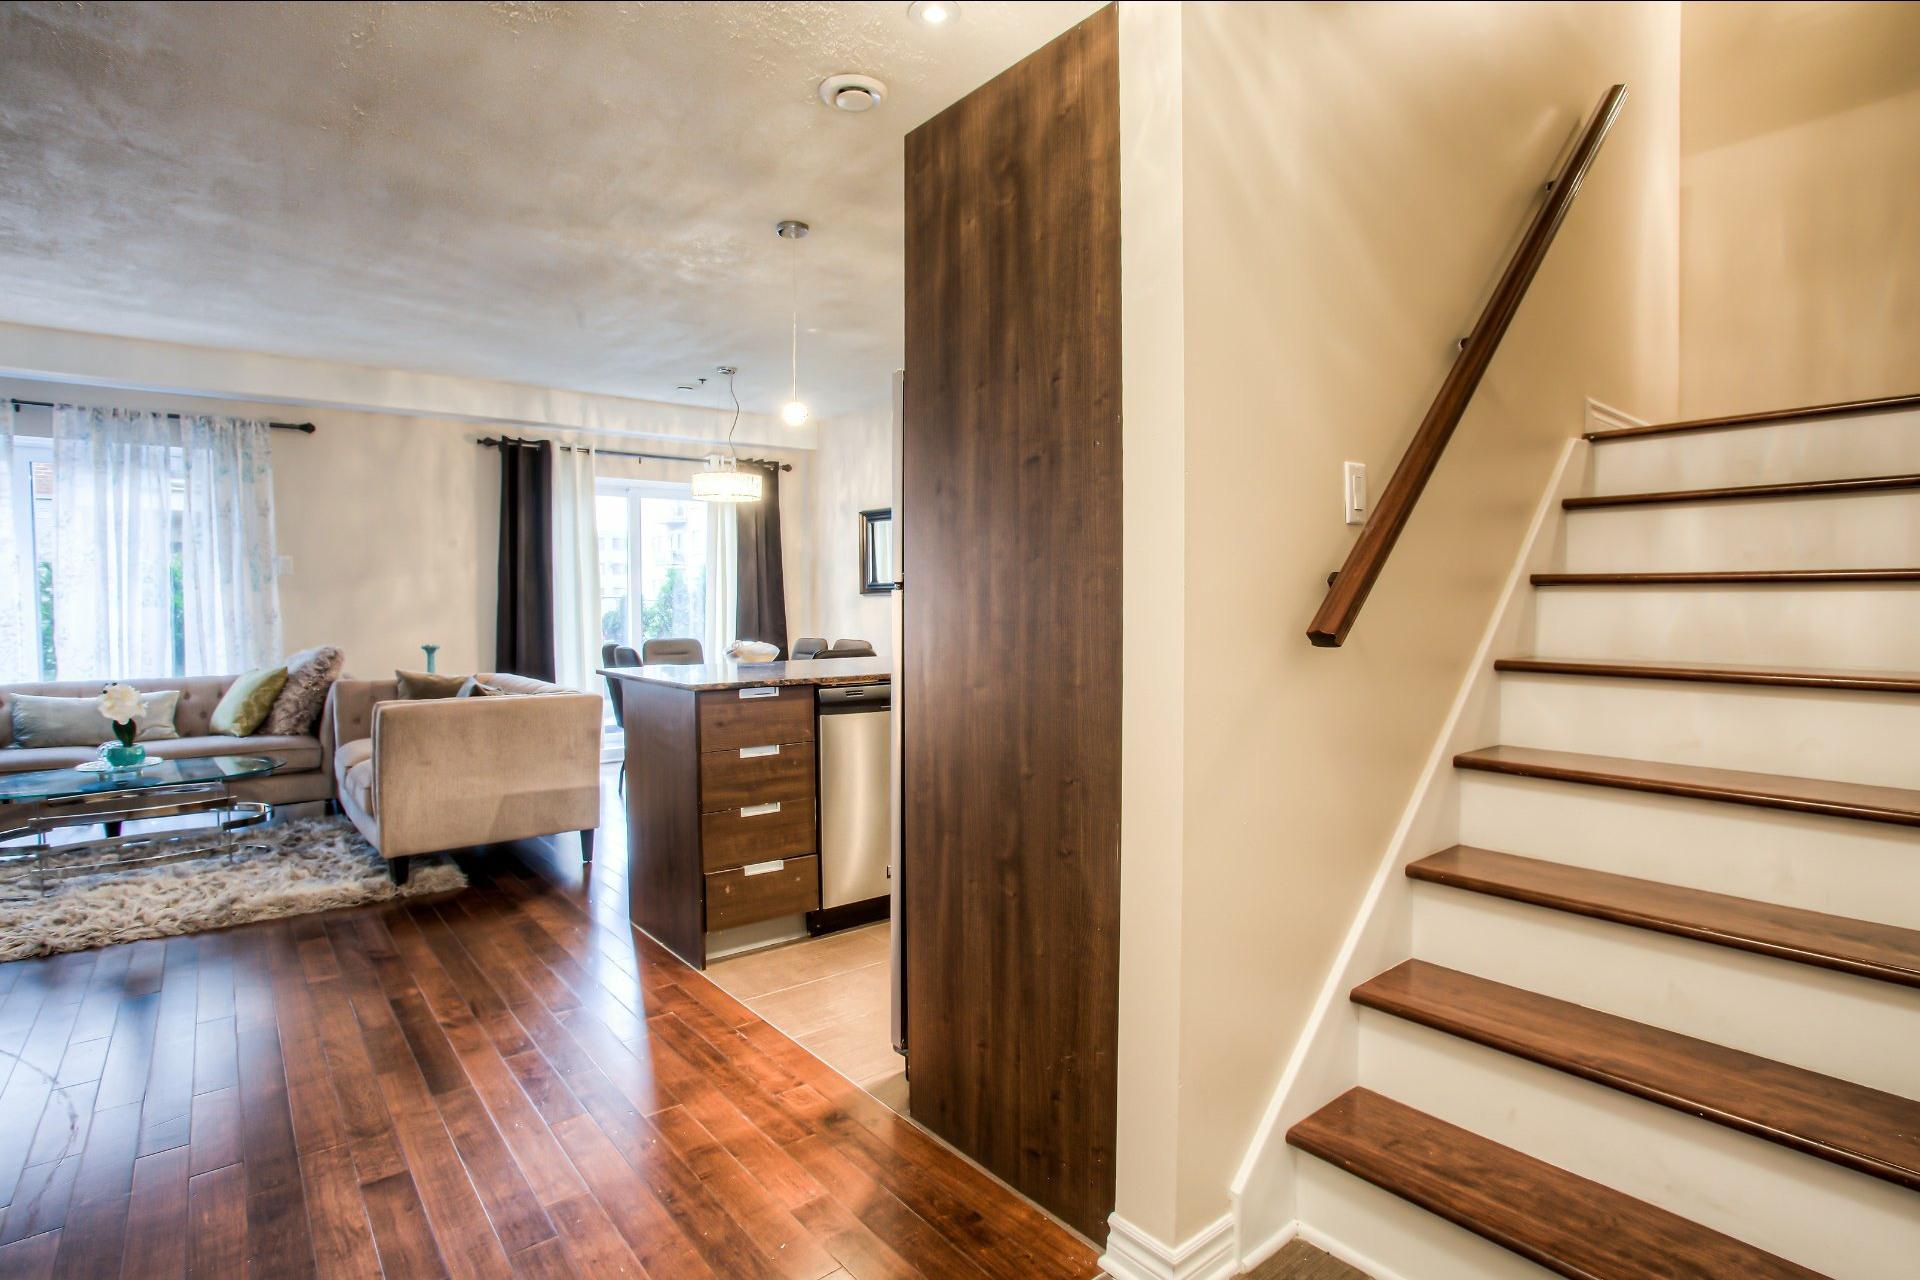 image 8 - Apartment For sale Saint-Laurent Montréal  - 9 rooms